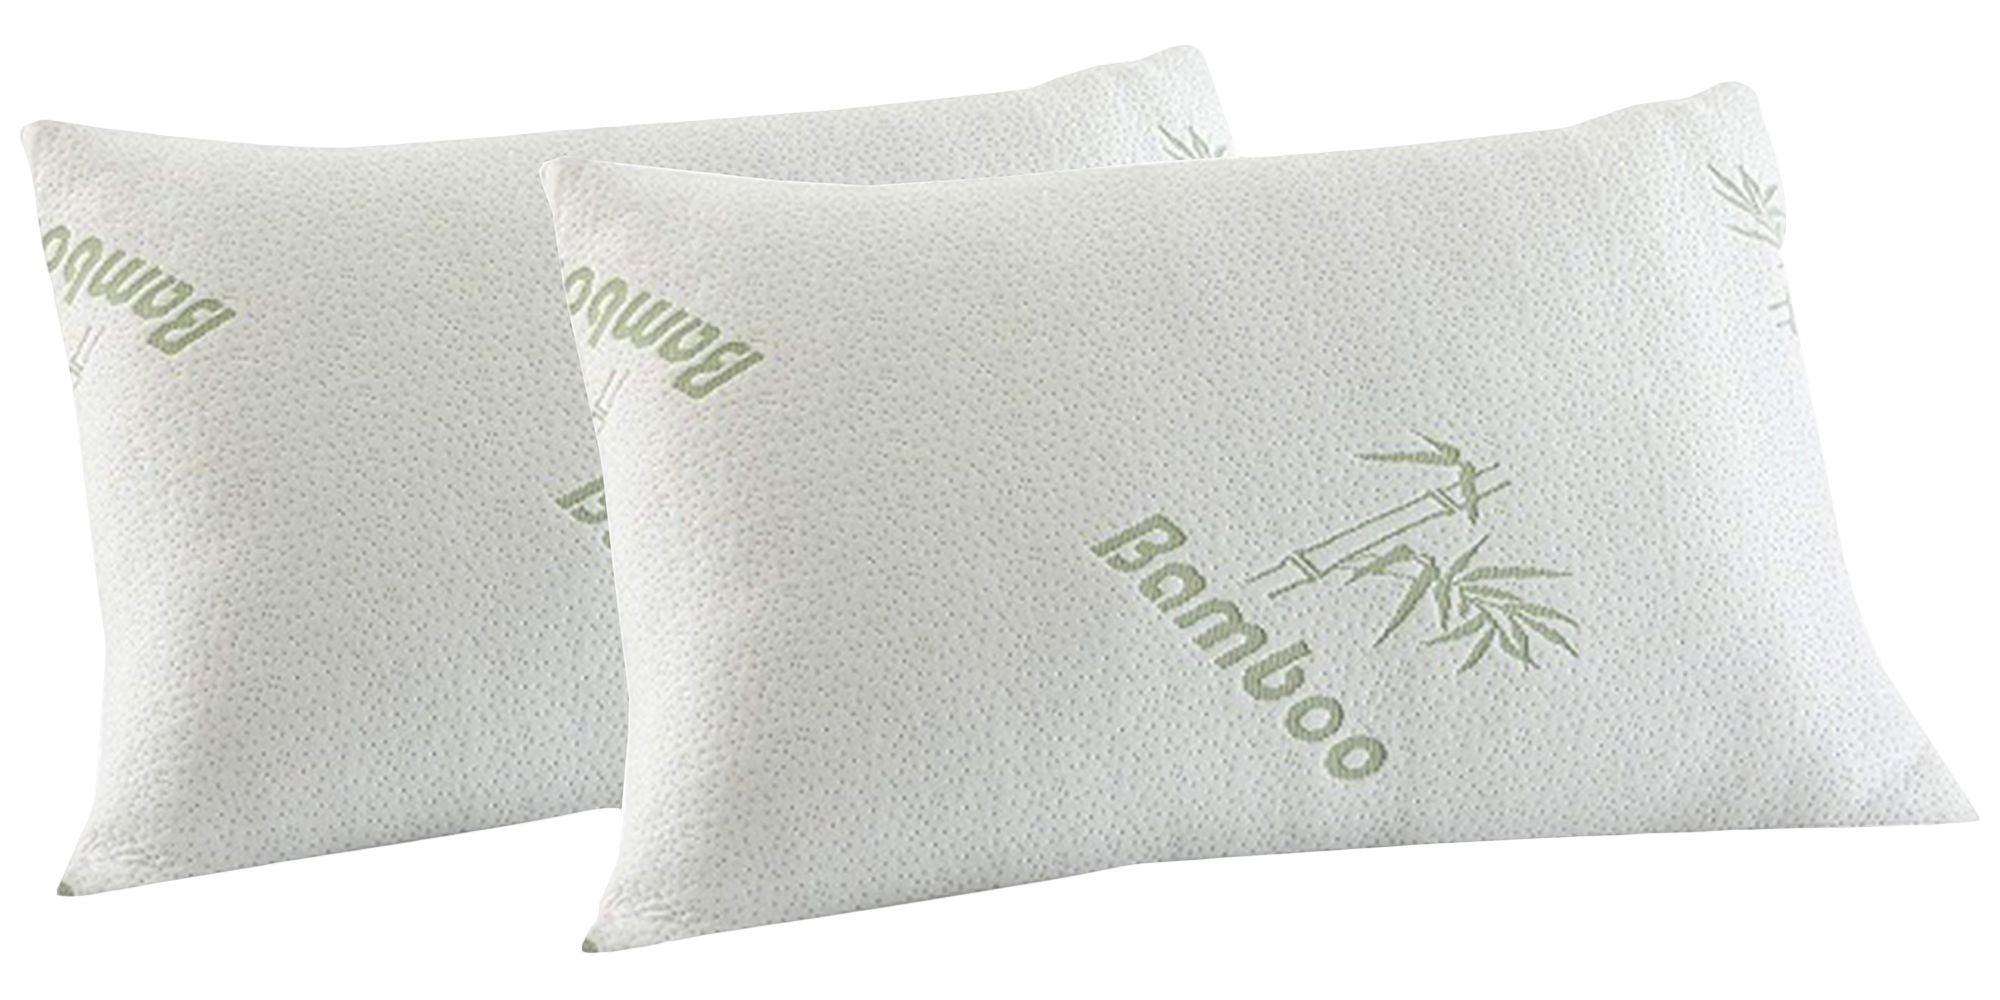 Pillow Talk pillows review